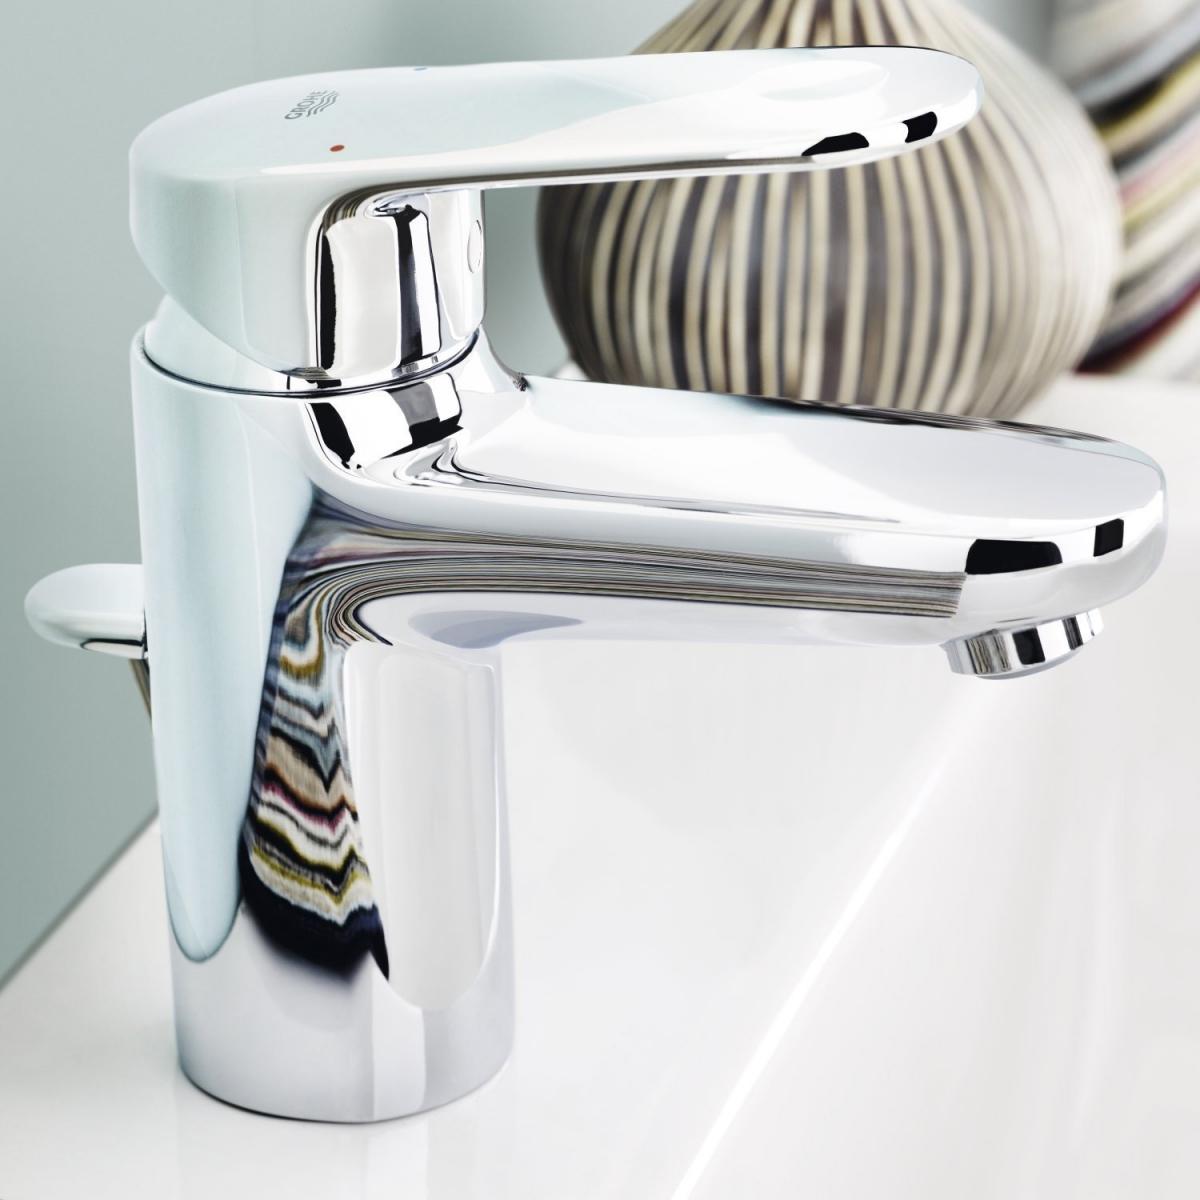 mitigeur lavabo europlus grohe induscabel salle de bains chauffage et cuisine. Black Bedroom Furniture Sets. Home Design Ideas